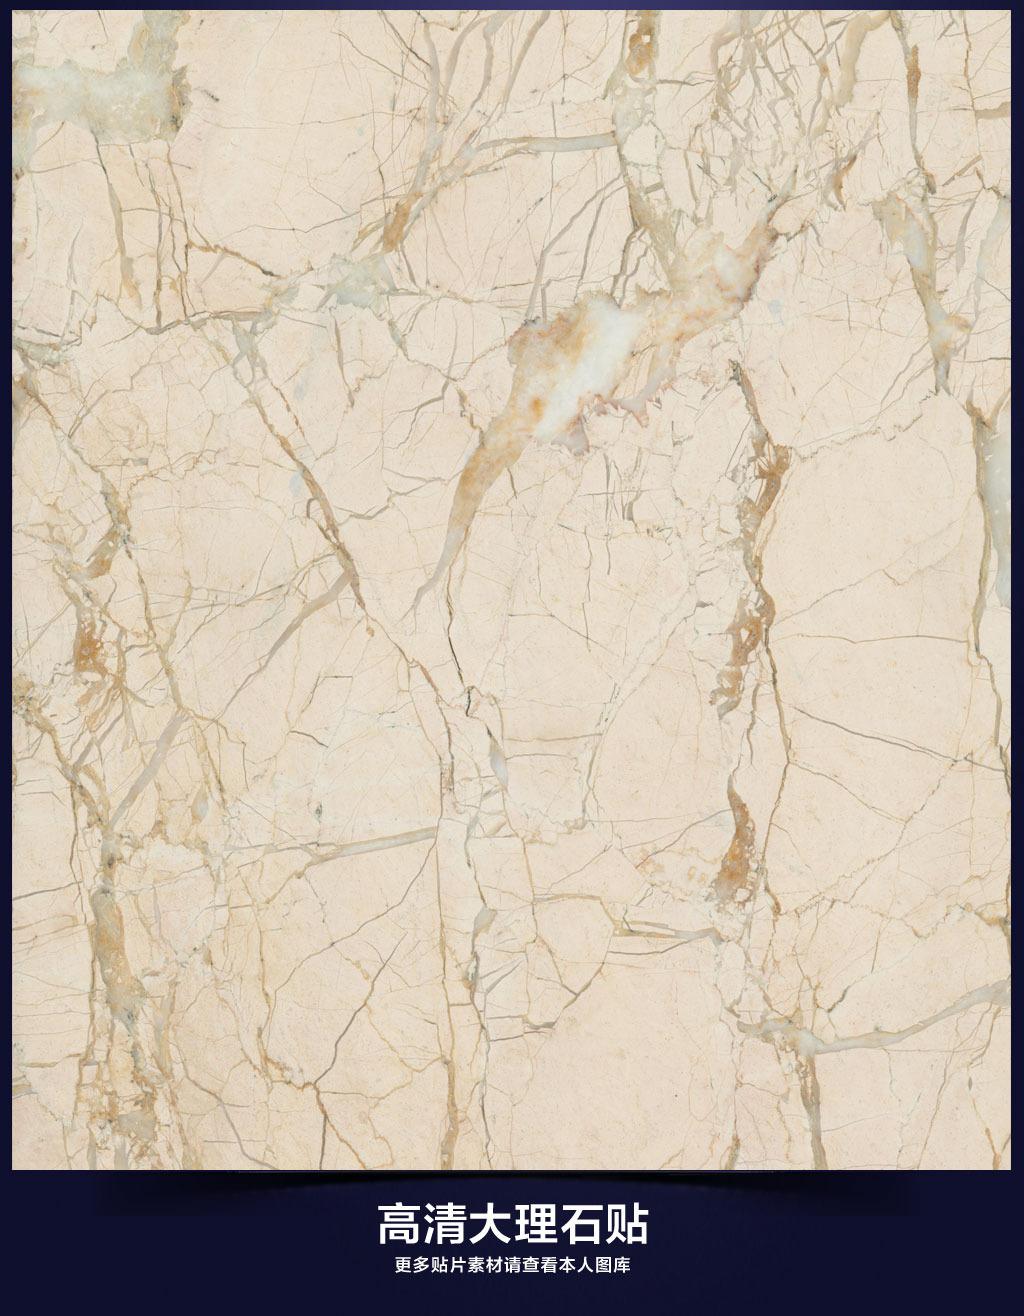 高清浅色蛋壳纹大理石纹理贴图